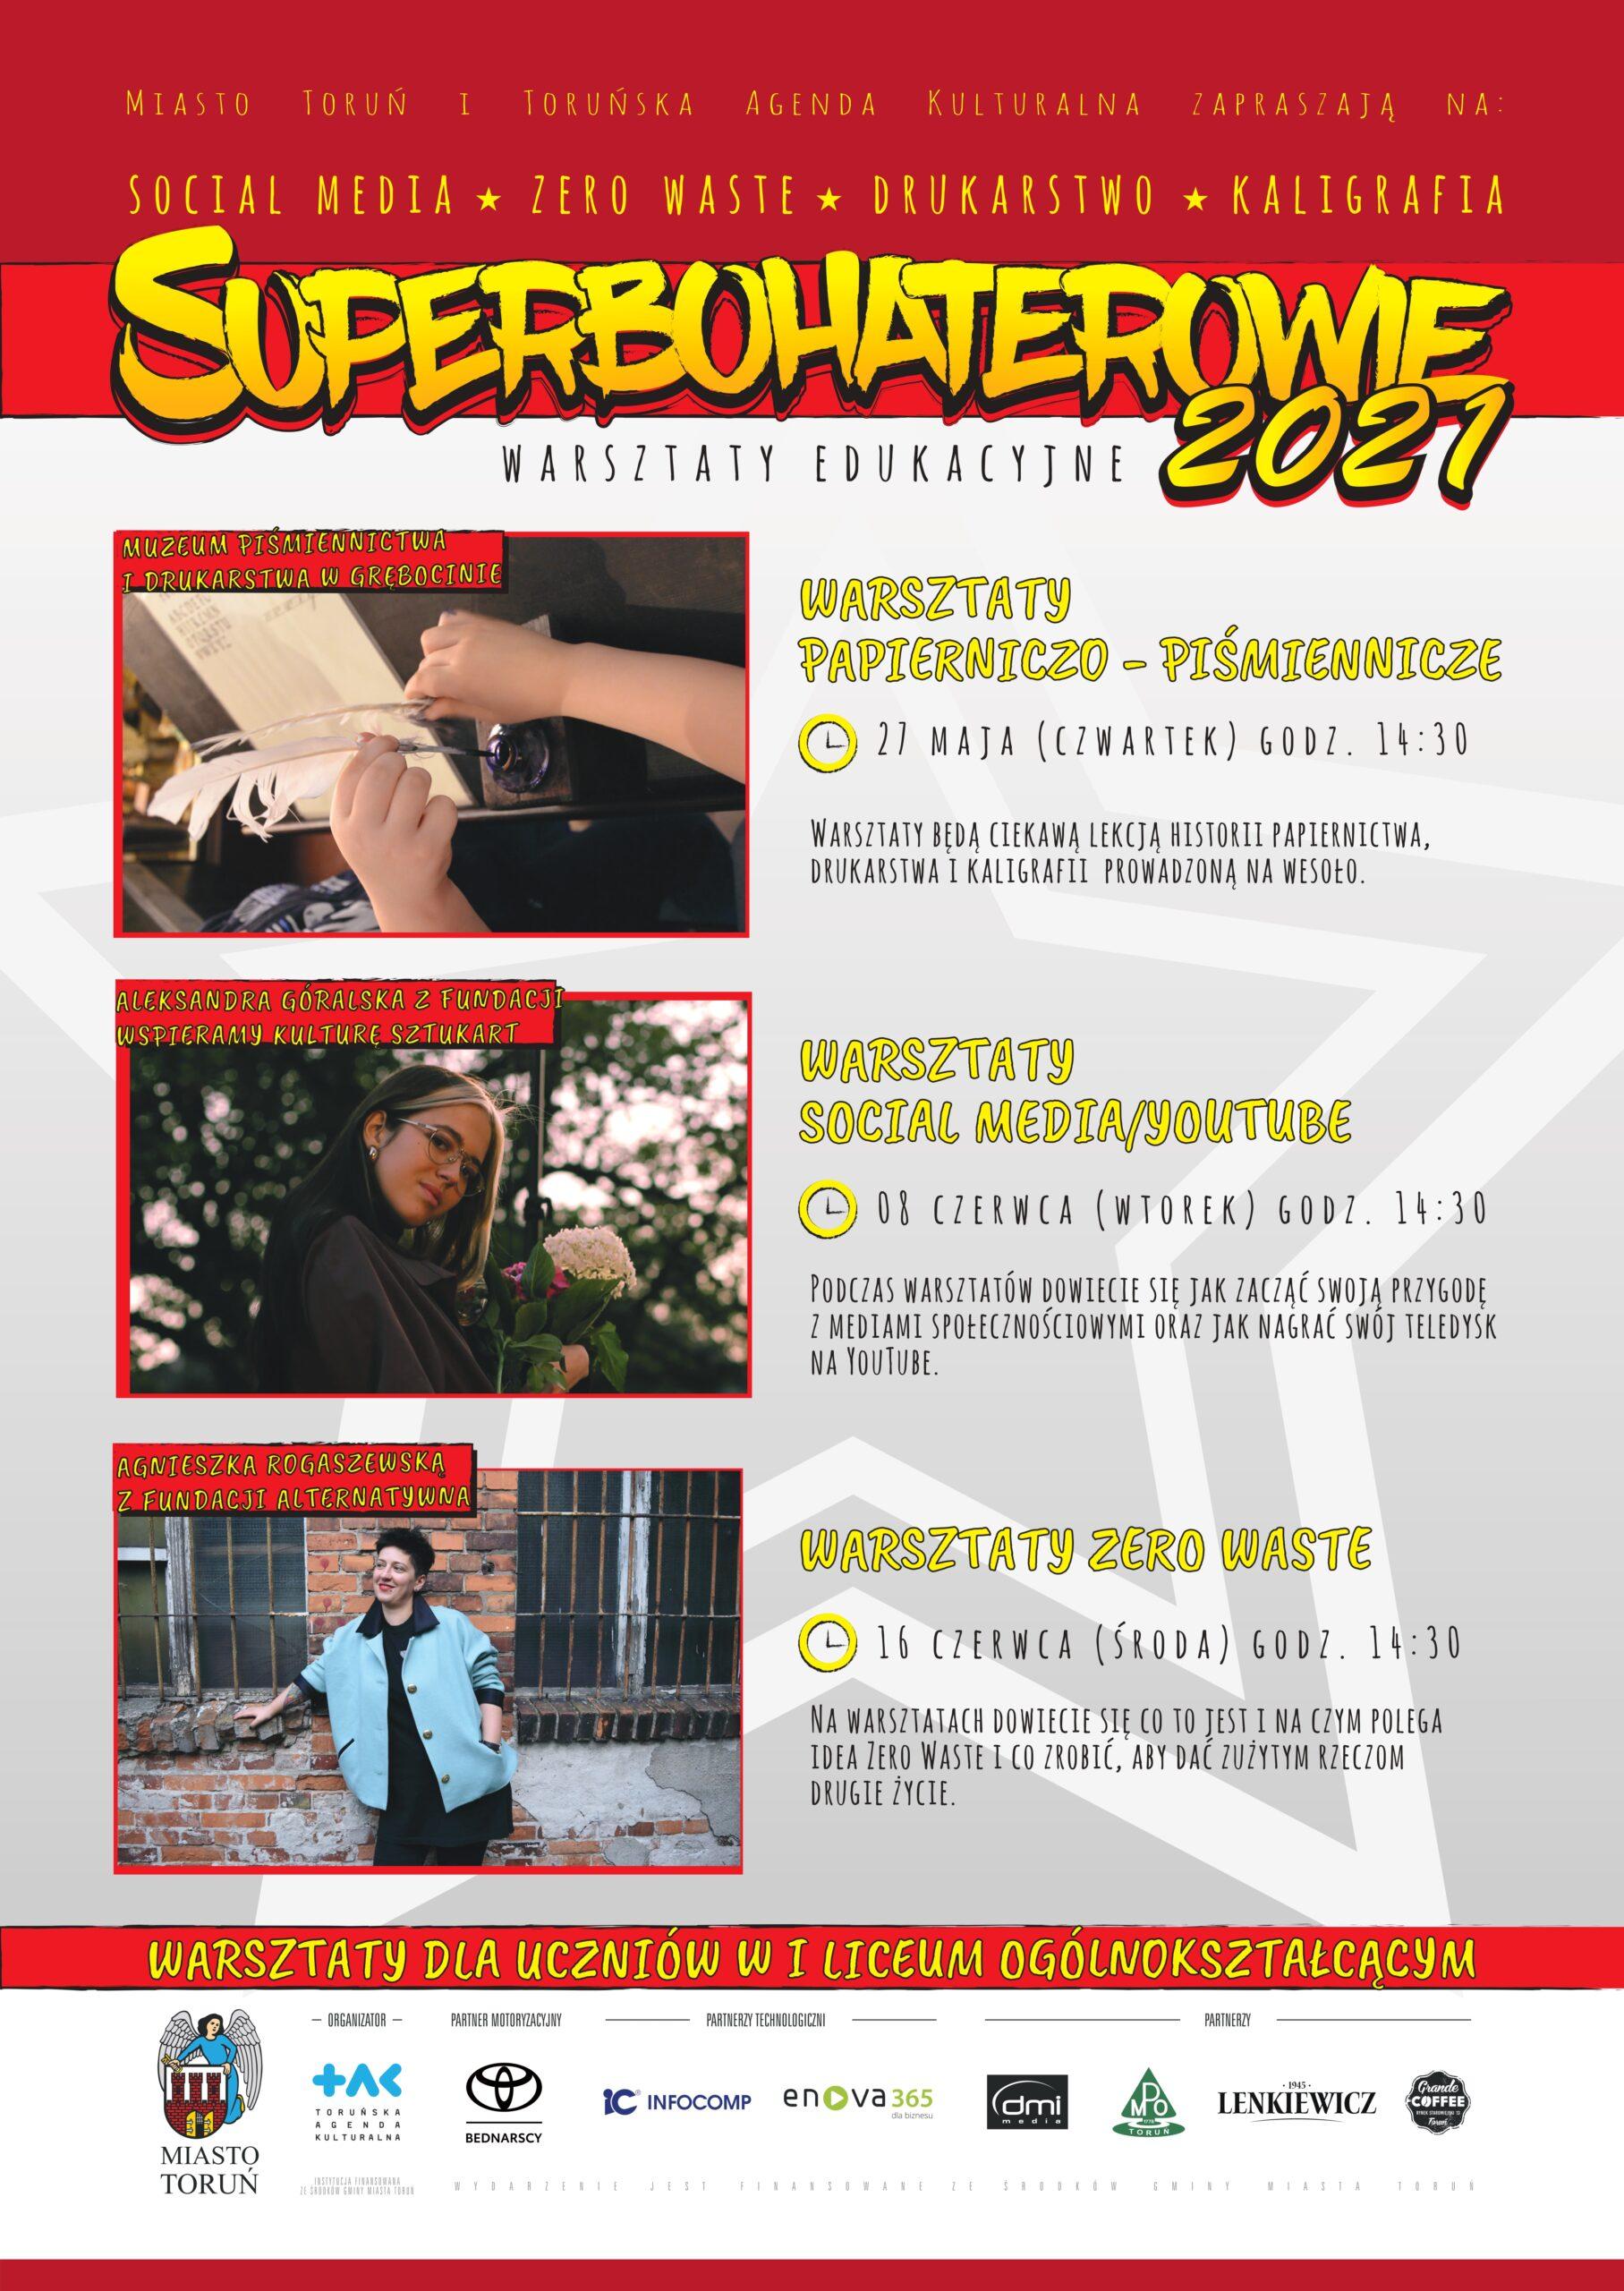 plakat informujący owydarzeniu Superbohaterowie | Superbohaterowie warsztaty edukacyjne 2021 | 27.05.-16.06.2021